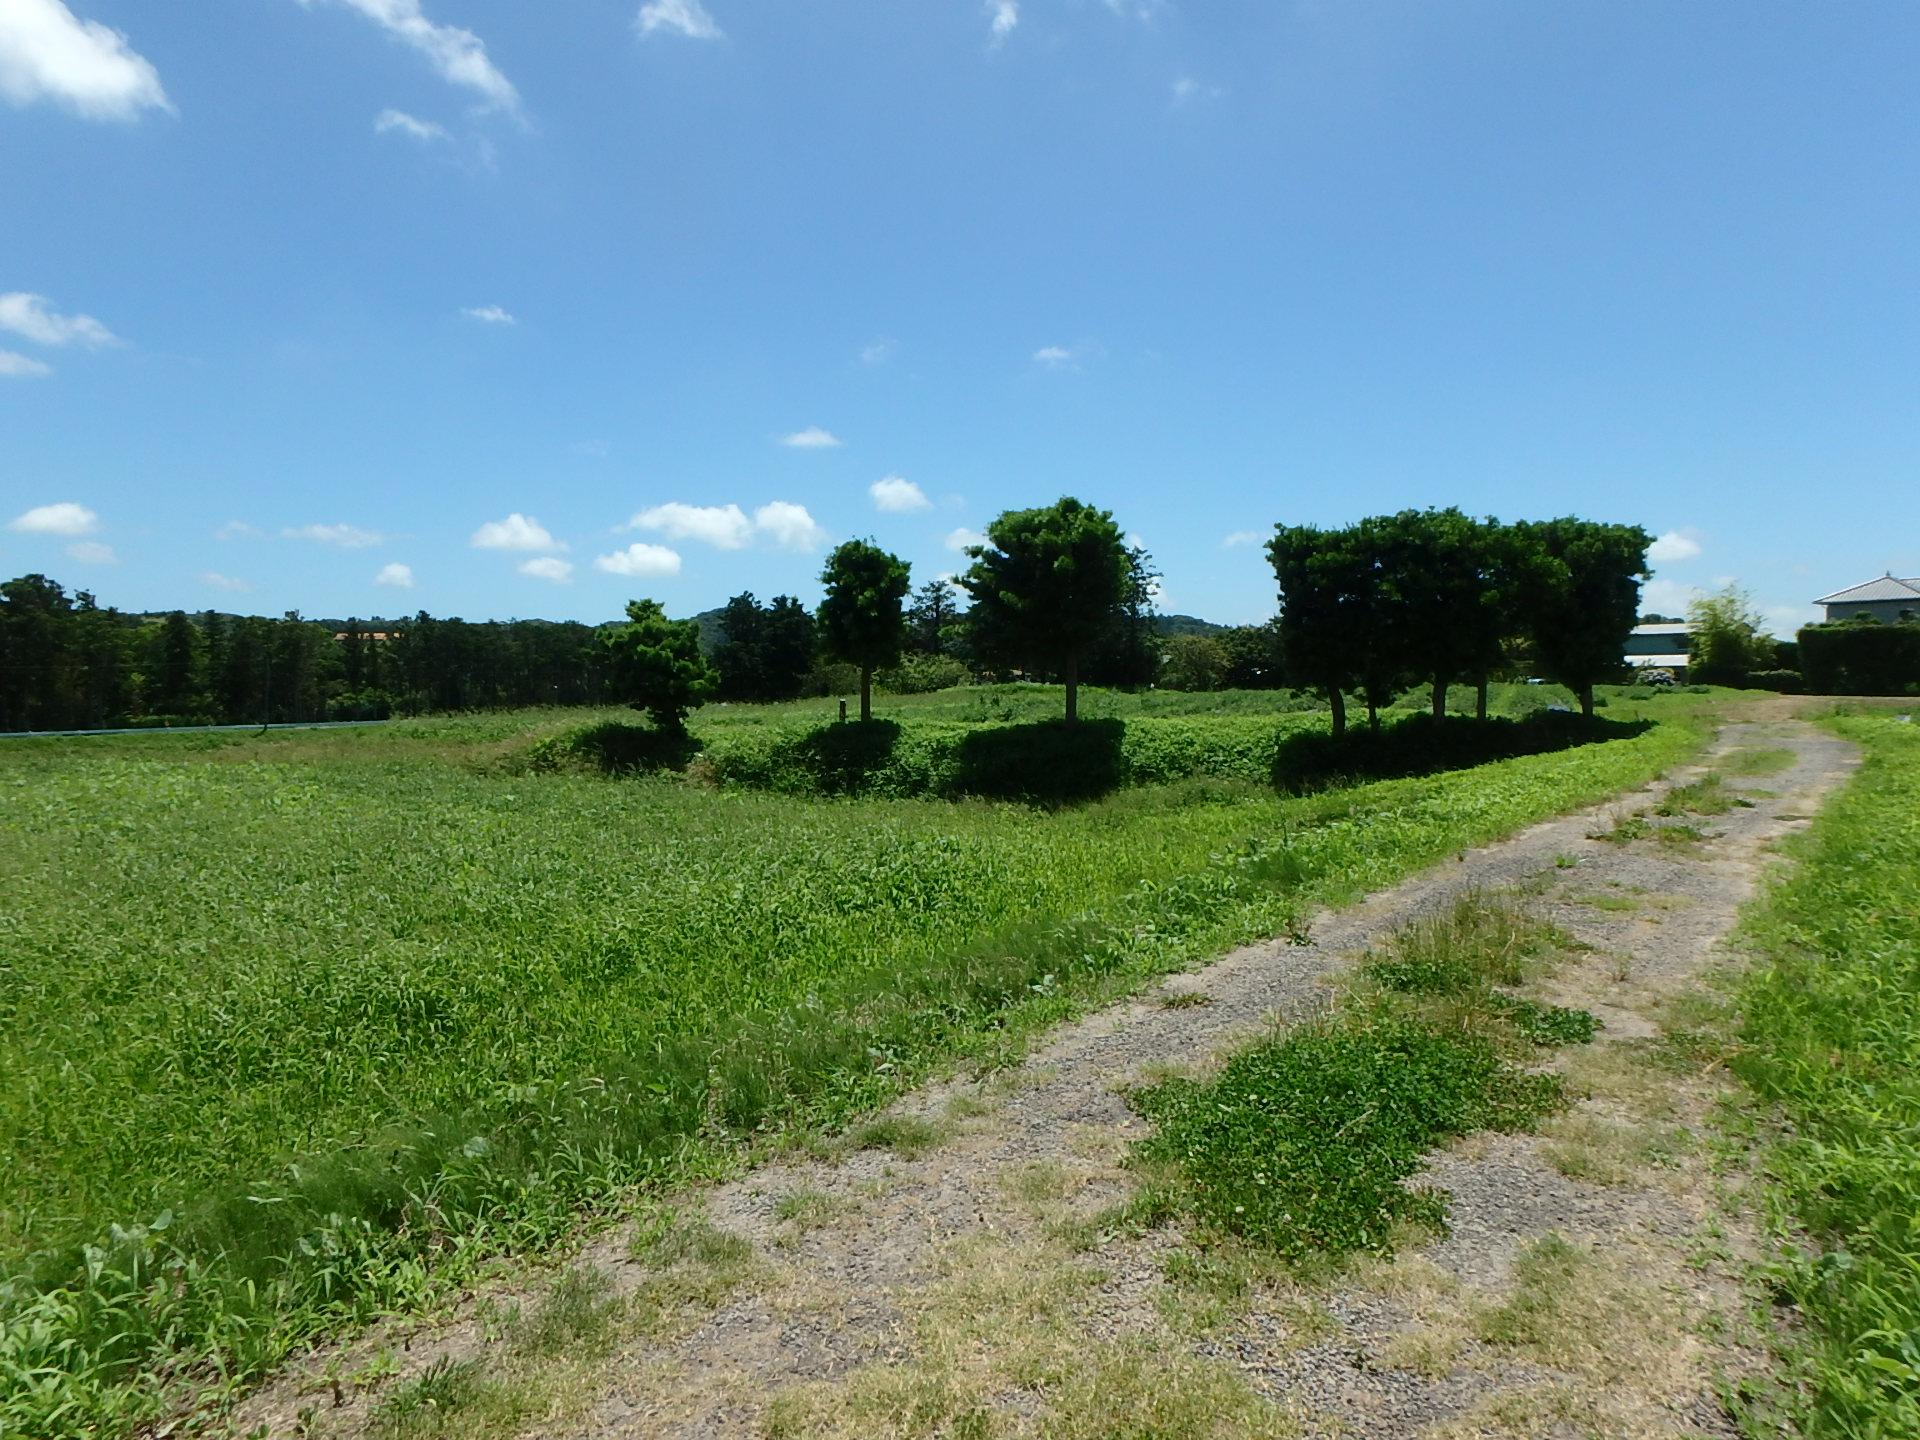 千葉県南房総市千代の不動産、旧三芳村の土地、広大な土地、田舎暮らし